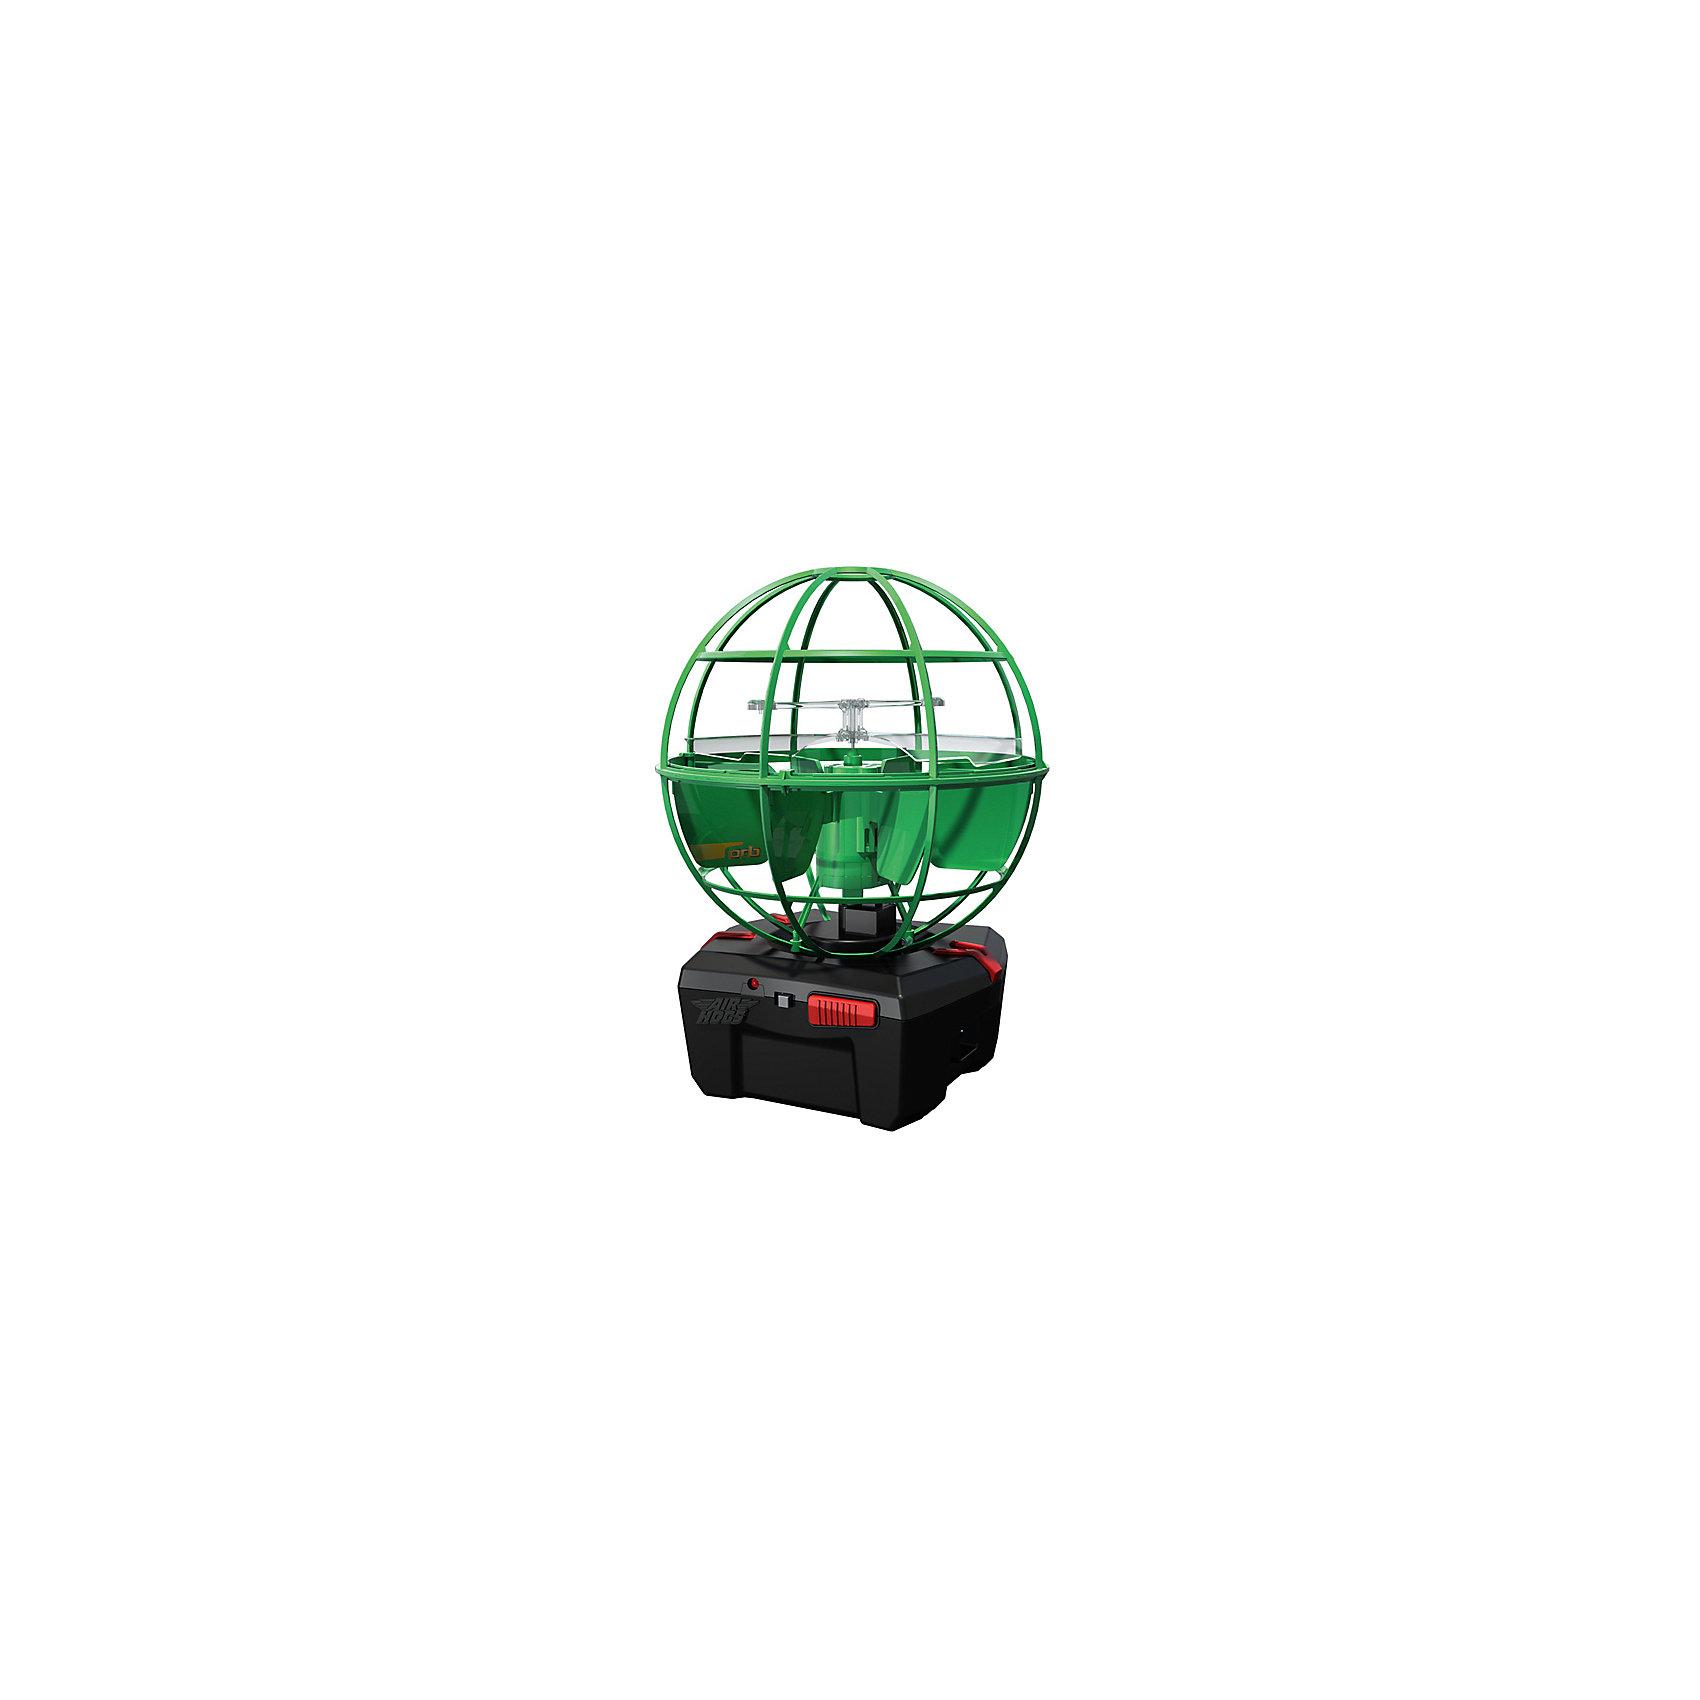 Игрушка НЛО Летающий шар, зелено-серый, AIR HOGSПрочие интерактивные игрушки<br>Характеристики:<br><br>• световые эффекты – подсветка шара;<br>• наличие сенсоров;<br>• ударопрочный шар, не разбивается при падении;<br>• для подзарядки шара используется подставка-база;<br>• тип батареек: 6 шт. типа АА;<br>• батарейки в комплект не входят;<br>• комплектация: летающий шар, зарядное устройство;<br>• размер упаковки: 30х23х13 см.<br><br>НЛО Летающий шар сферической формы оснащен сенсорами. Шар можно перебрасывать друг другу, при столкновении с препятствием шар отталкивается от поверхности и меняет траекторию движения. <br><br>Игрушка НЛО Летающий шар, зелено-серый, AIR HOGS можно купить в нашем магазине.<br><br>Ширина мм: 300<br>Глубина мм: 230<br>Высота мм: 130<br>Вес г: 419<br>Возраст от месяцев: 36<br>Возраст до месяцев: 2147483647<br>Пол: Мужской<br>Возраст: Детский<br>SKU: 5255003